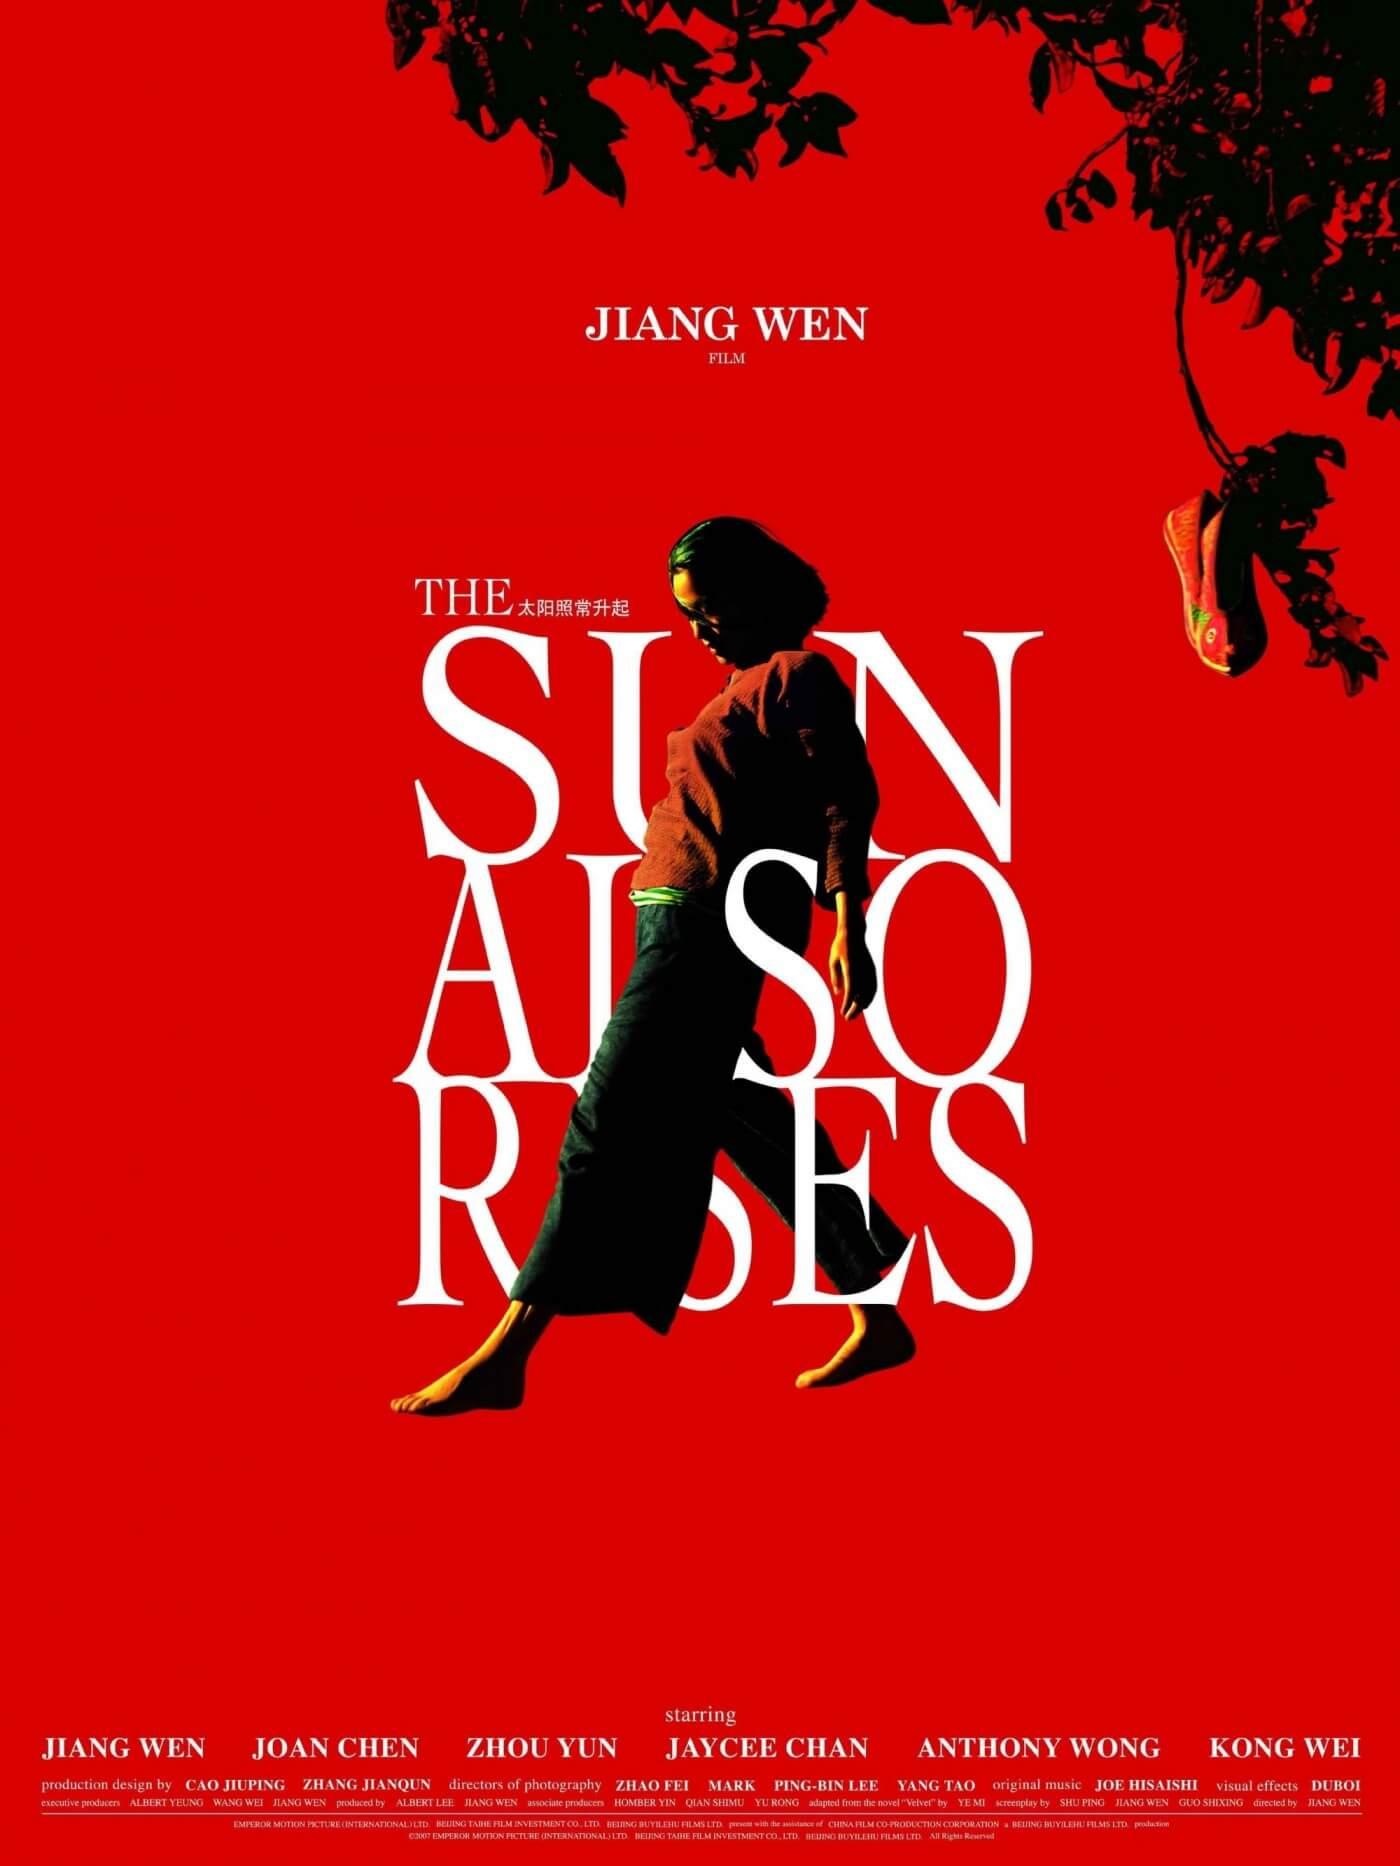 色、影兩種元素,海外版的《太陽照常升起》盡現瘋媽之瀟灑。